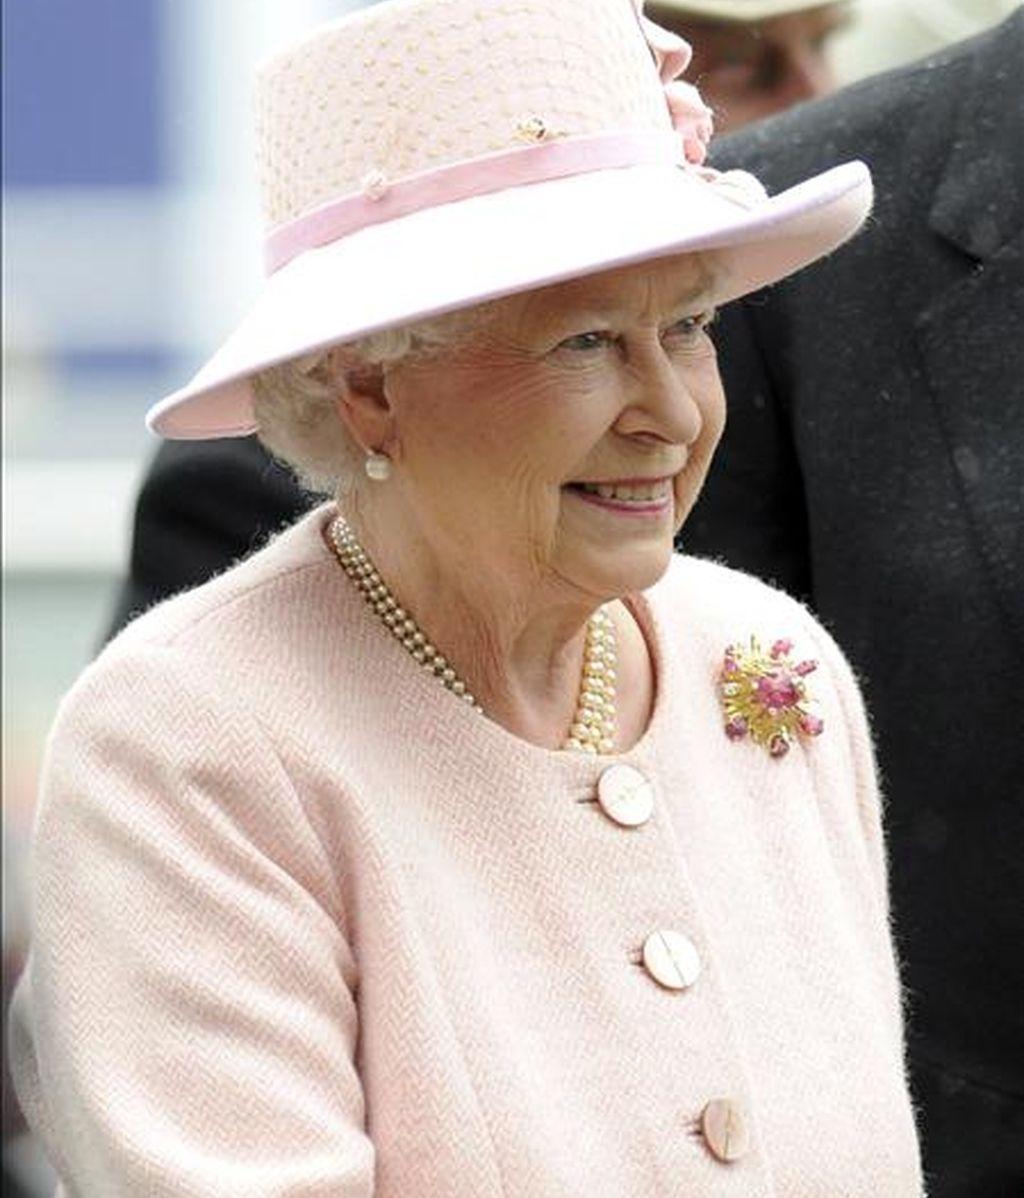 La Reina Isabel II de Inglaterra sonríe mientras asiste al derby Investec en el hipódromo de Epsom (Reino Unido) el 6 de junio pasado. EFE/Archivo